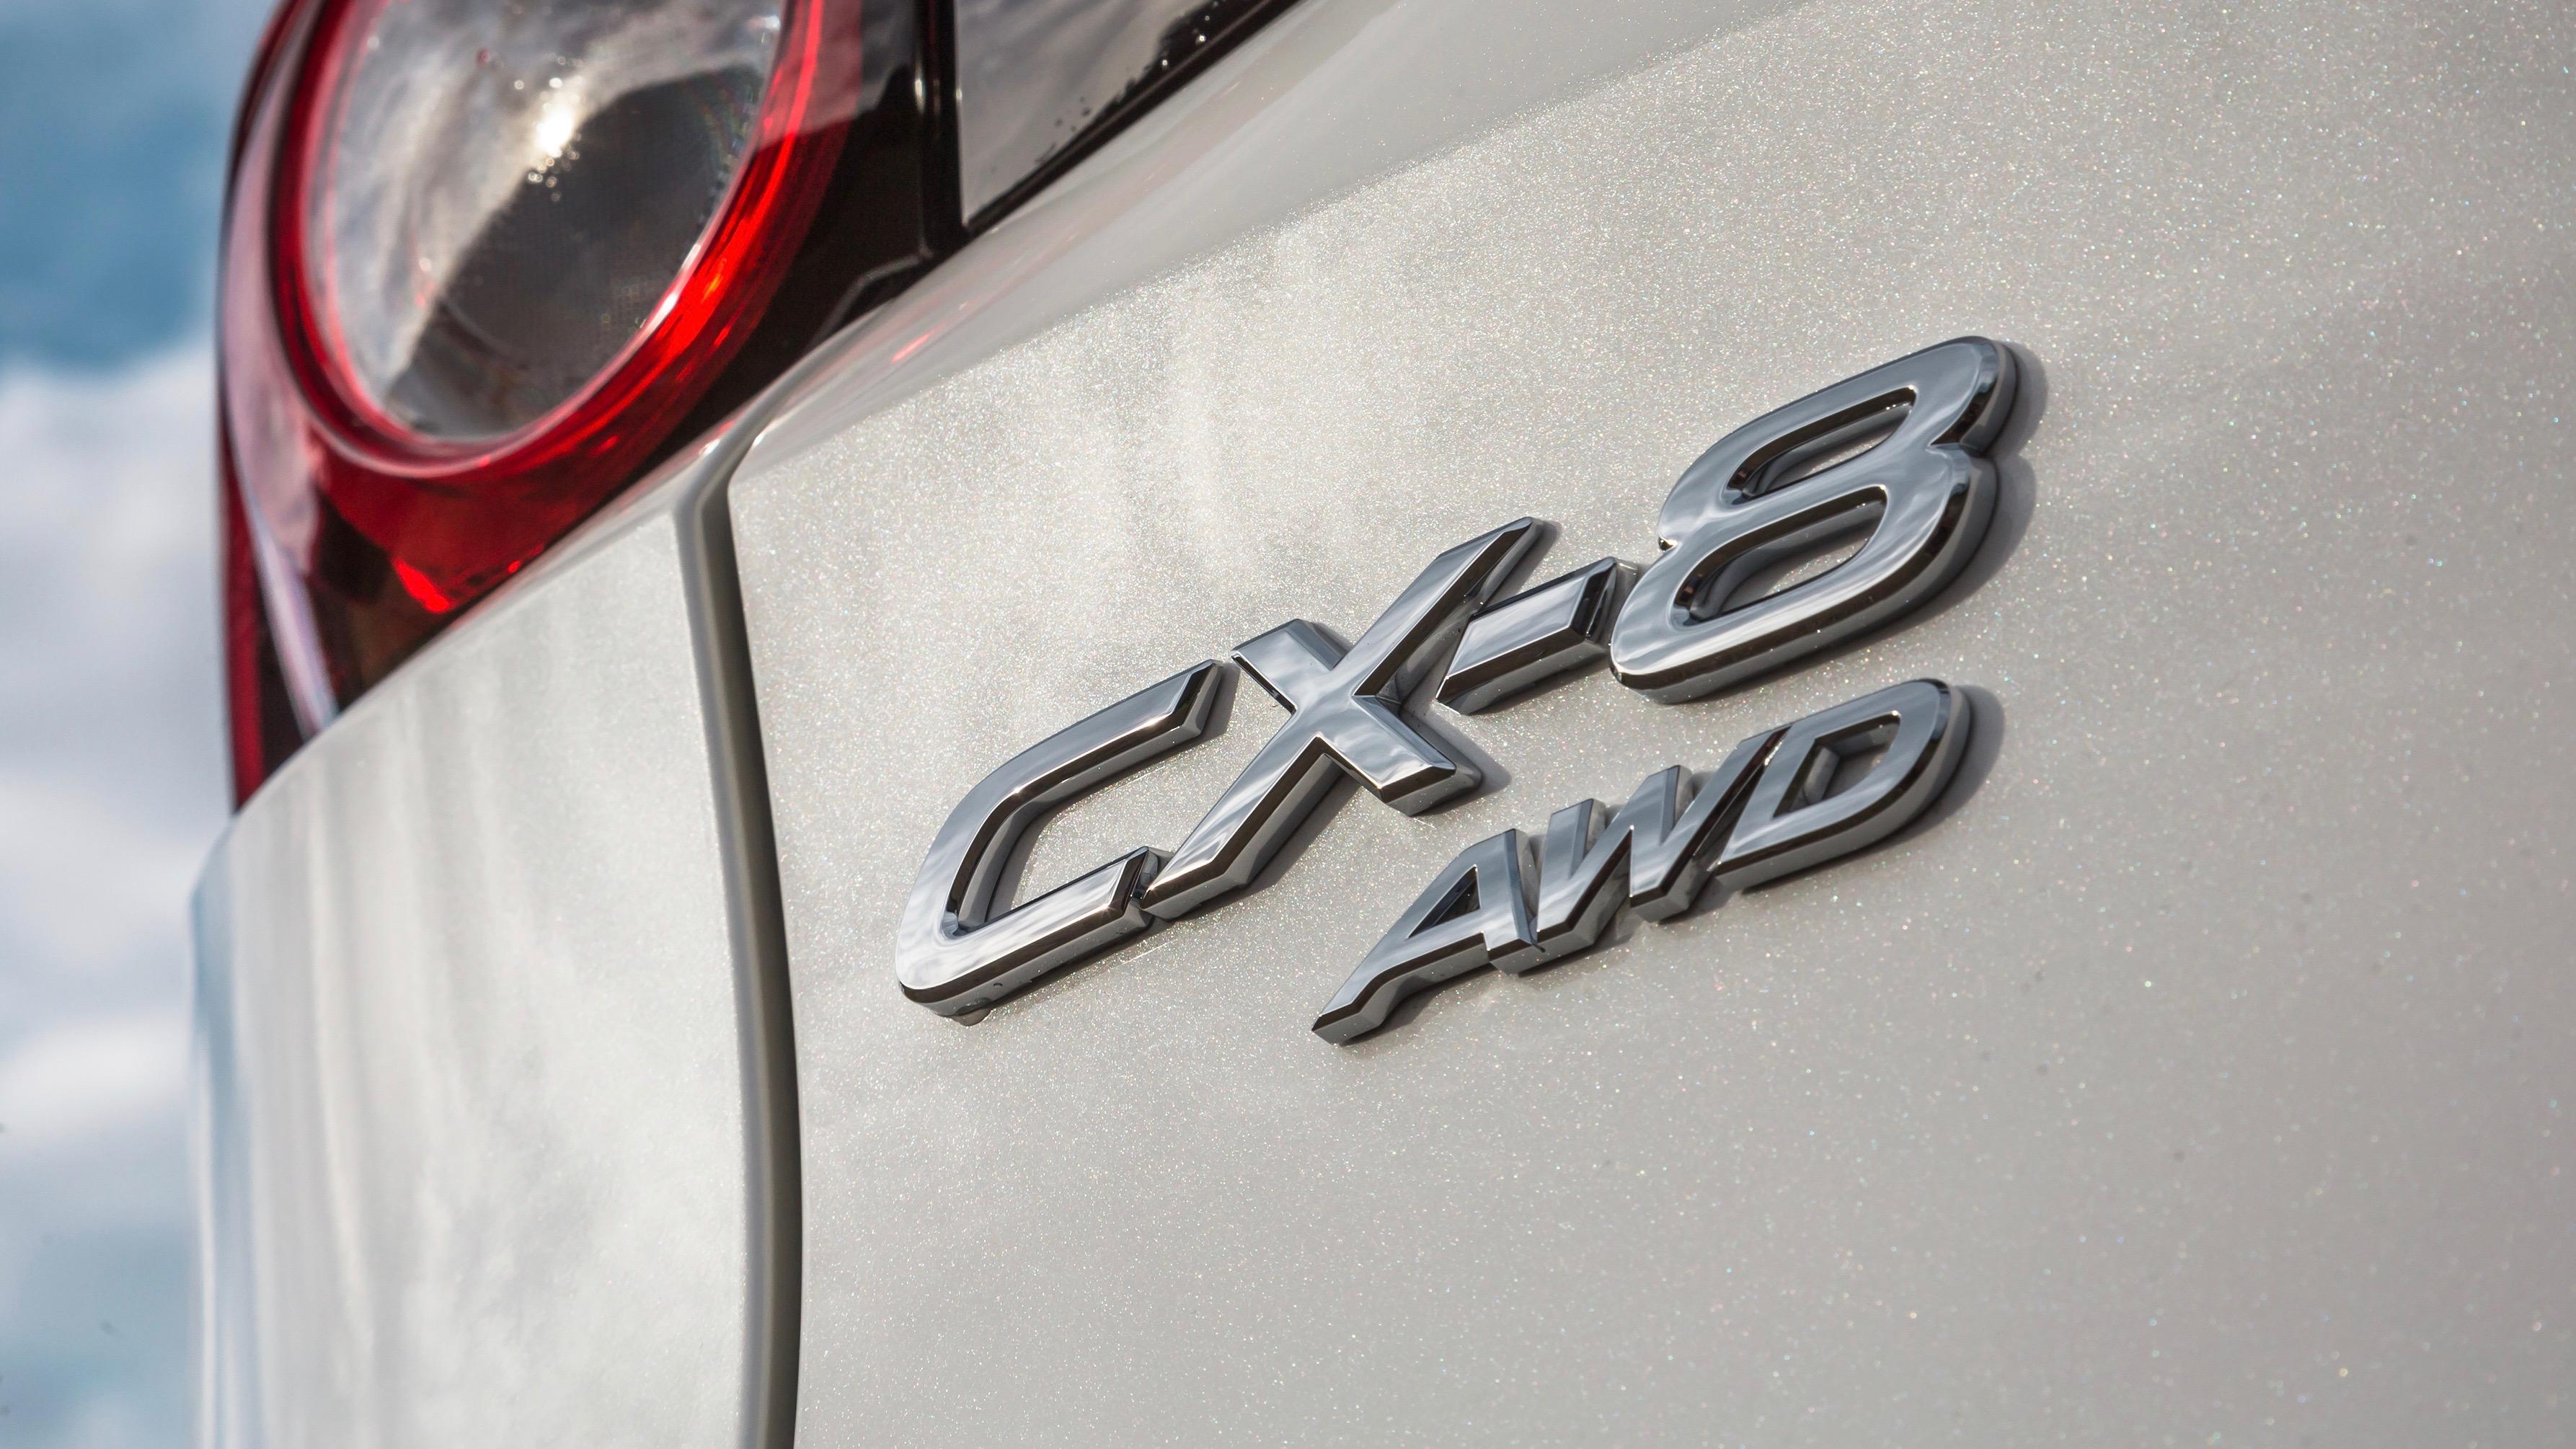 2018 Mazda CX-8 Asaki badge